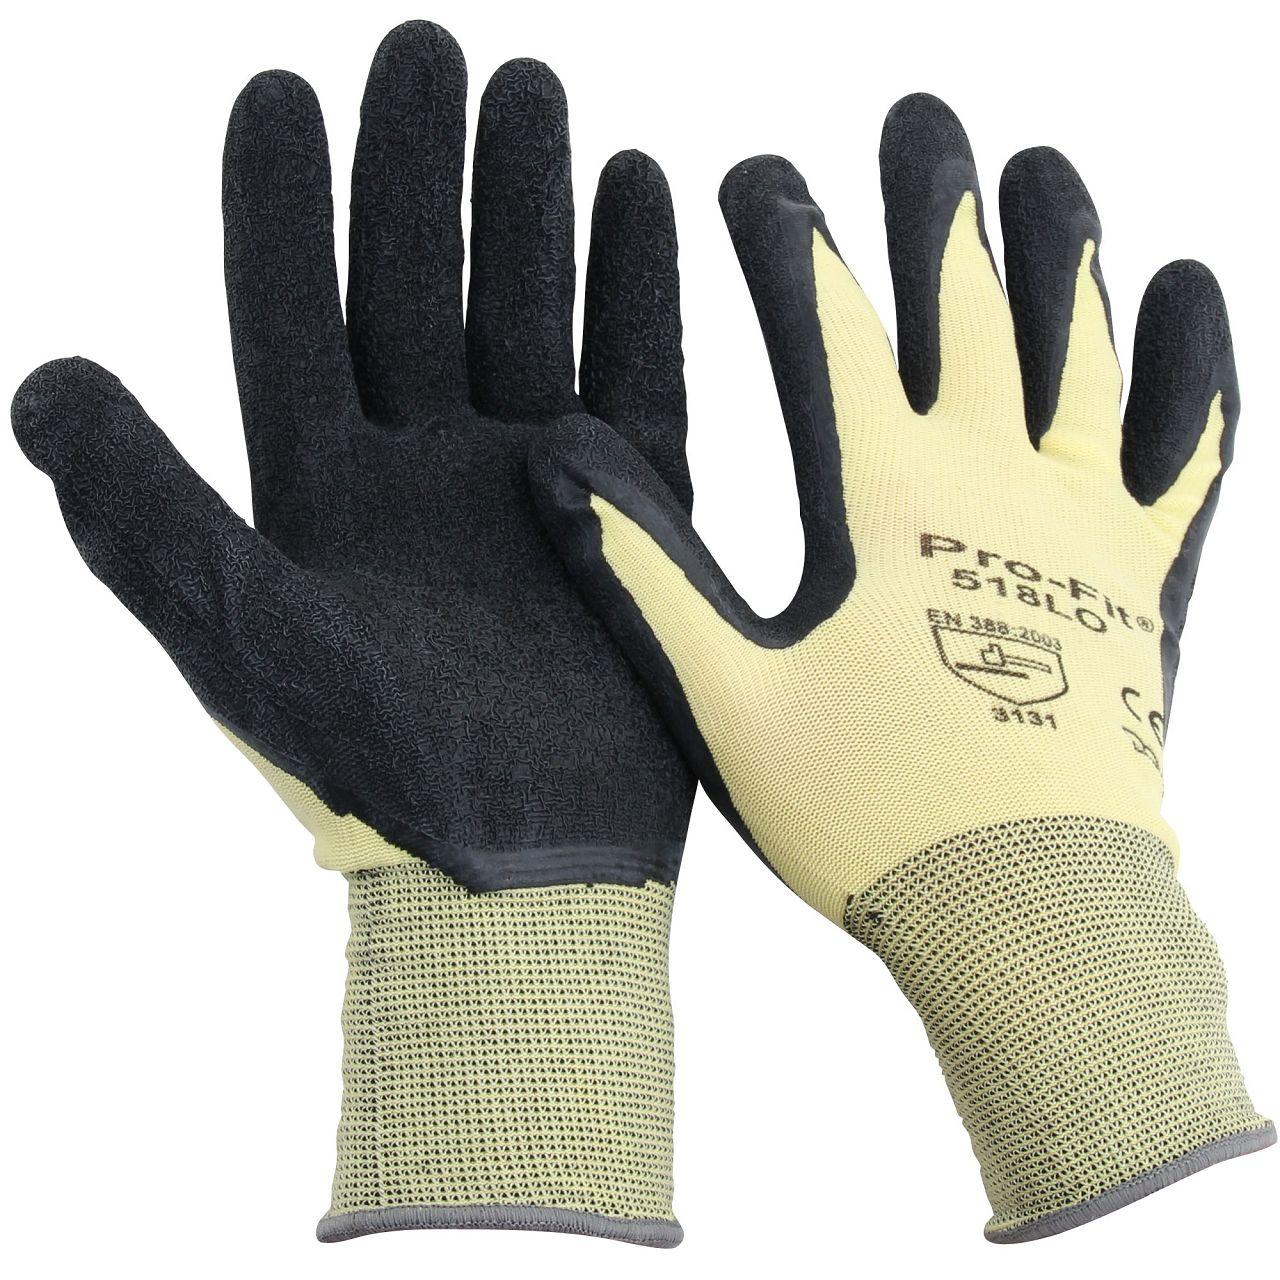 PRO-FIT 518LO Handschuhe Arbeitshandschuhe GELB SCHWARZ Größe 10 / XL (1 Paar)